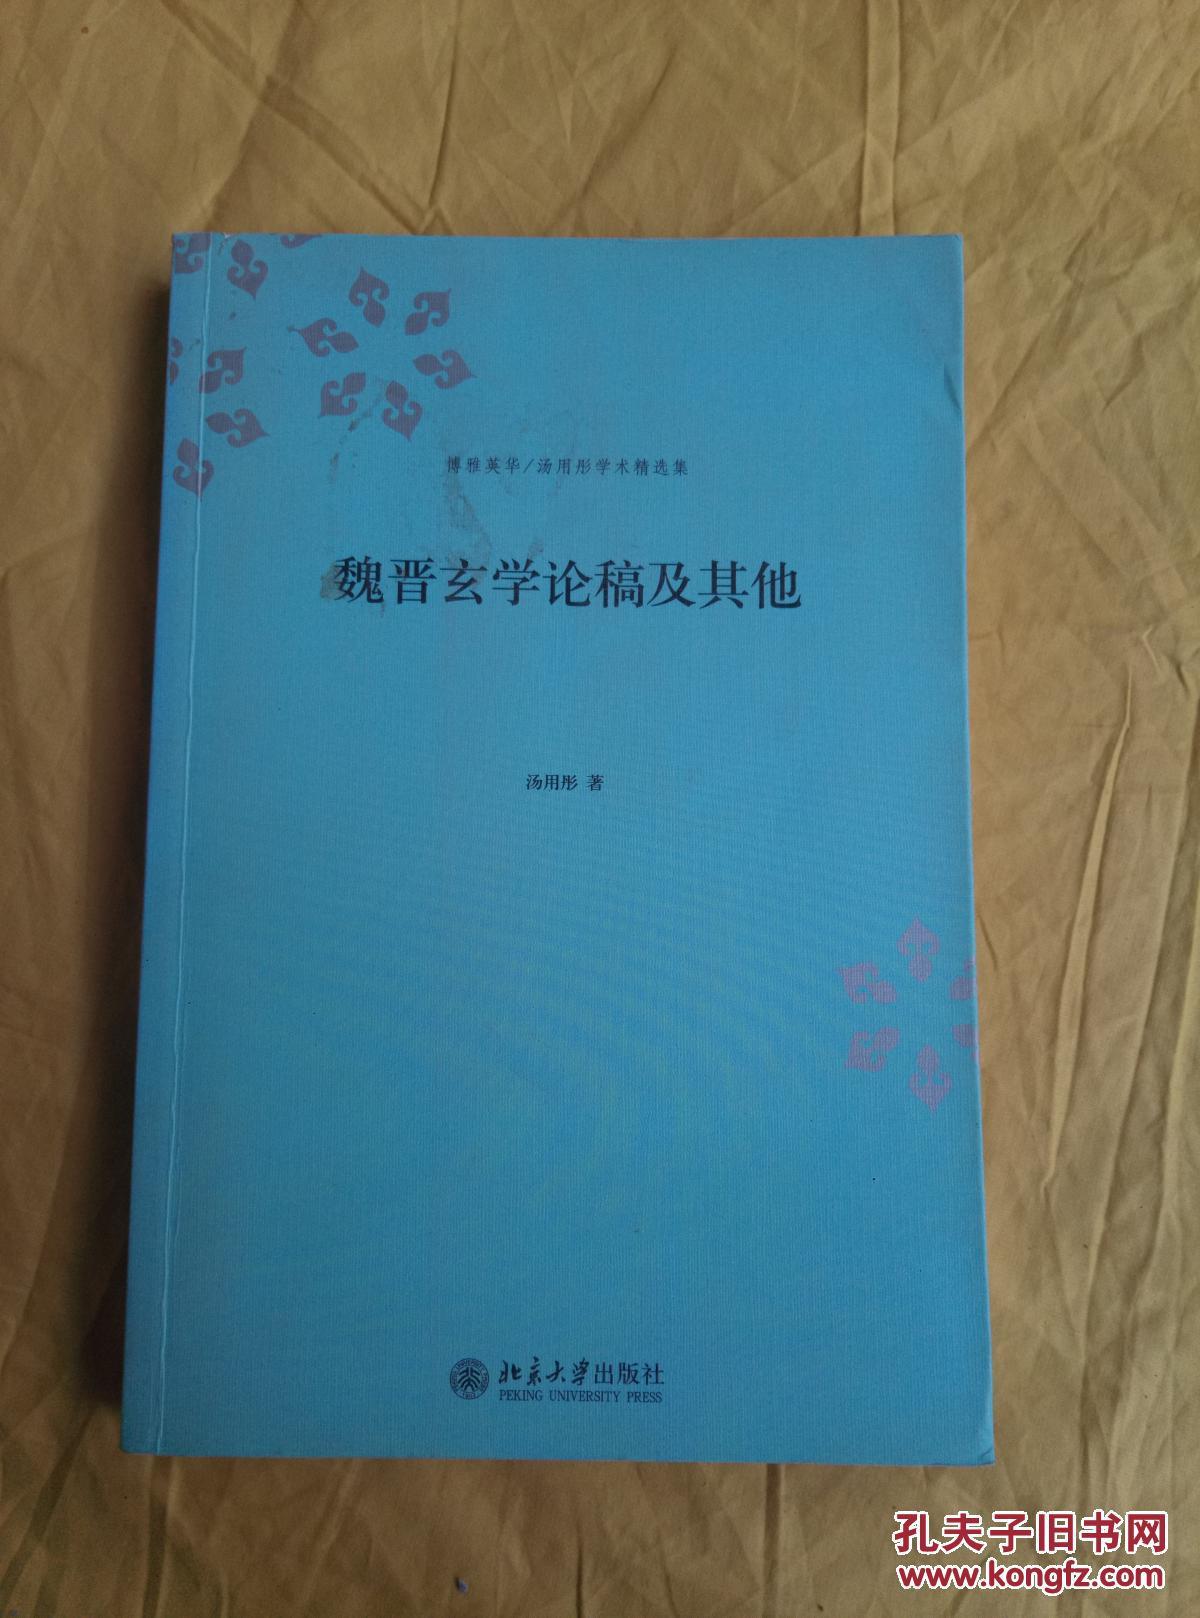 【图】魏晋玄学论稿及其他_北京大学出版社的聊天不用打字图片搞笑背景图片